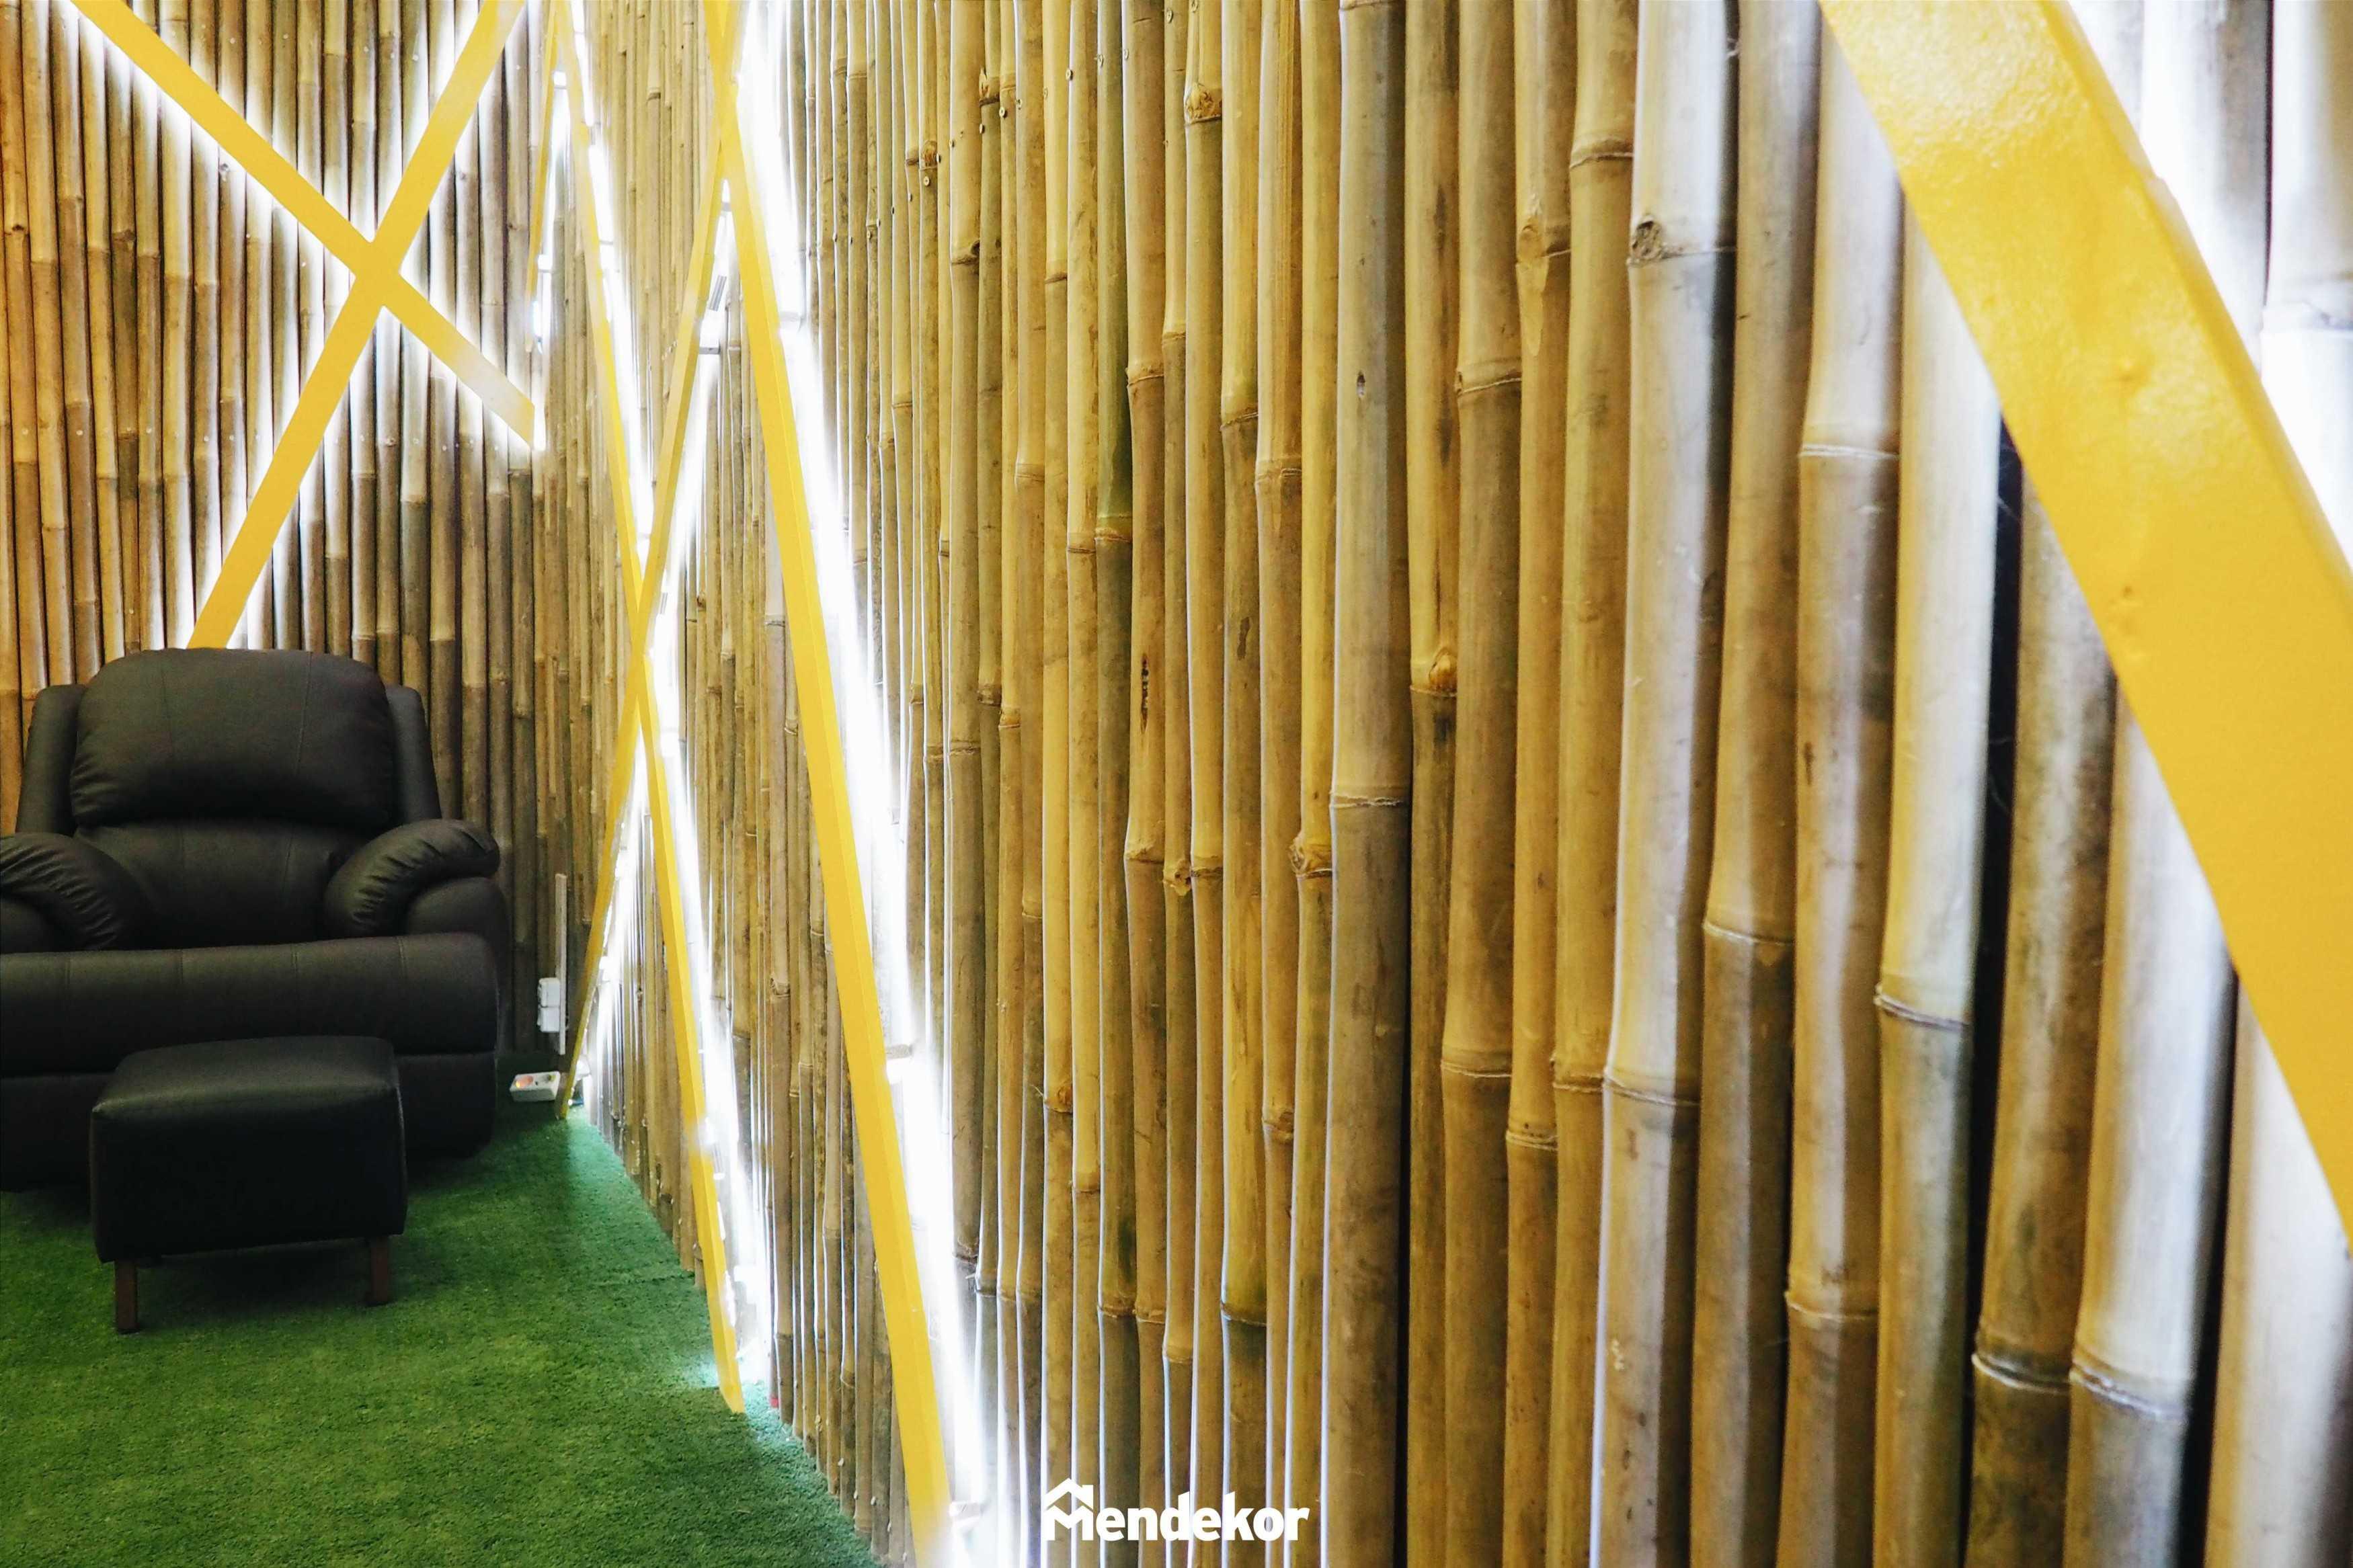 Mendekor Nest Booth Jkt Convention Center, Jl. Gelora 8, Gelora, Tanahabang, Kota Jakarta Pusat, Daerah Khusus Ibukota Jakarta 10270, Indonesia Jkt Convention Center, Jl. Gelora 8, Gelora, Tanahabang, Kota Jakarta Pusat, Daerah Khusus Ibukota Jakarta 10270, Indonesia Booth Tropical  45407